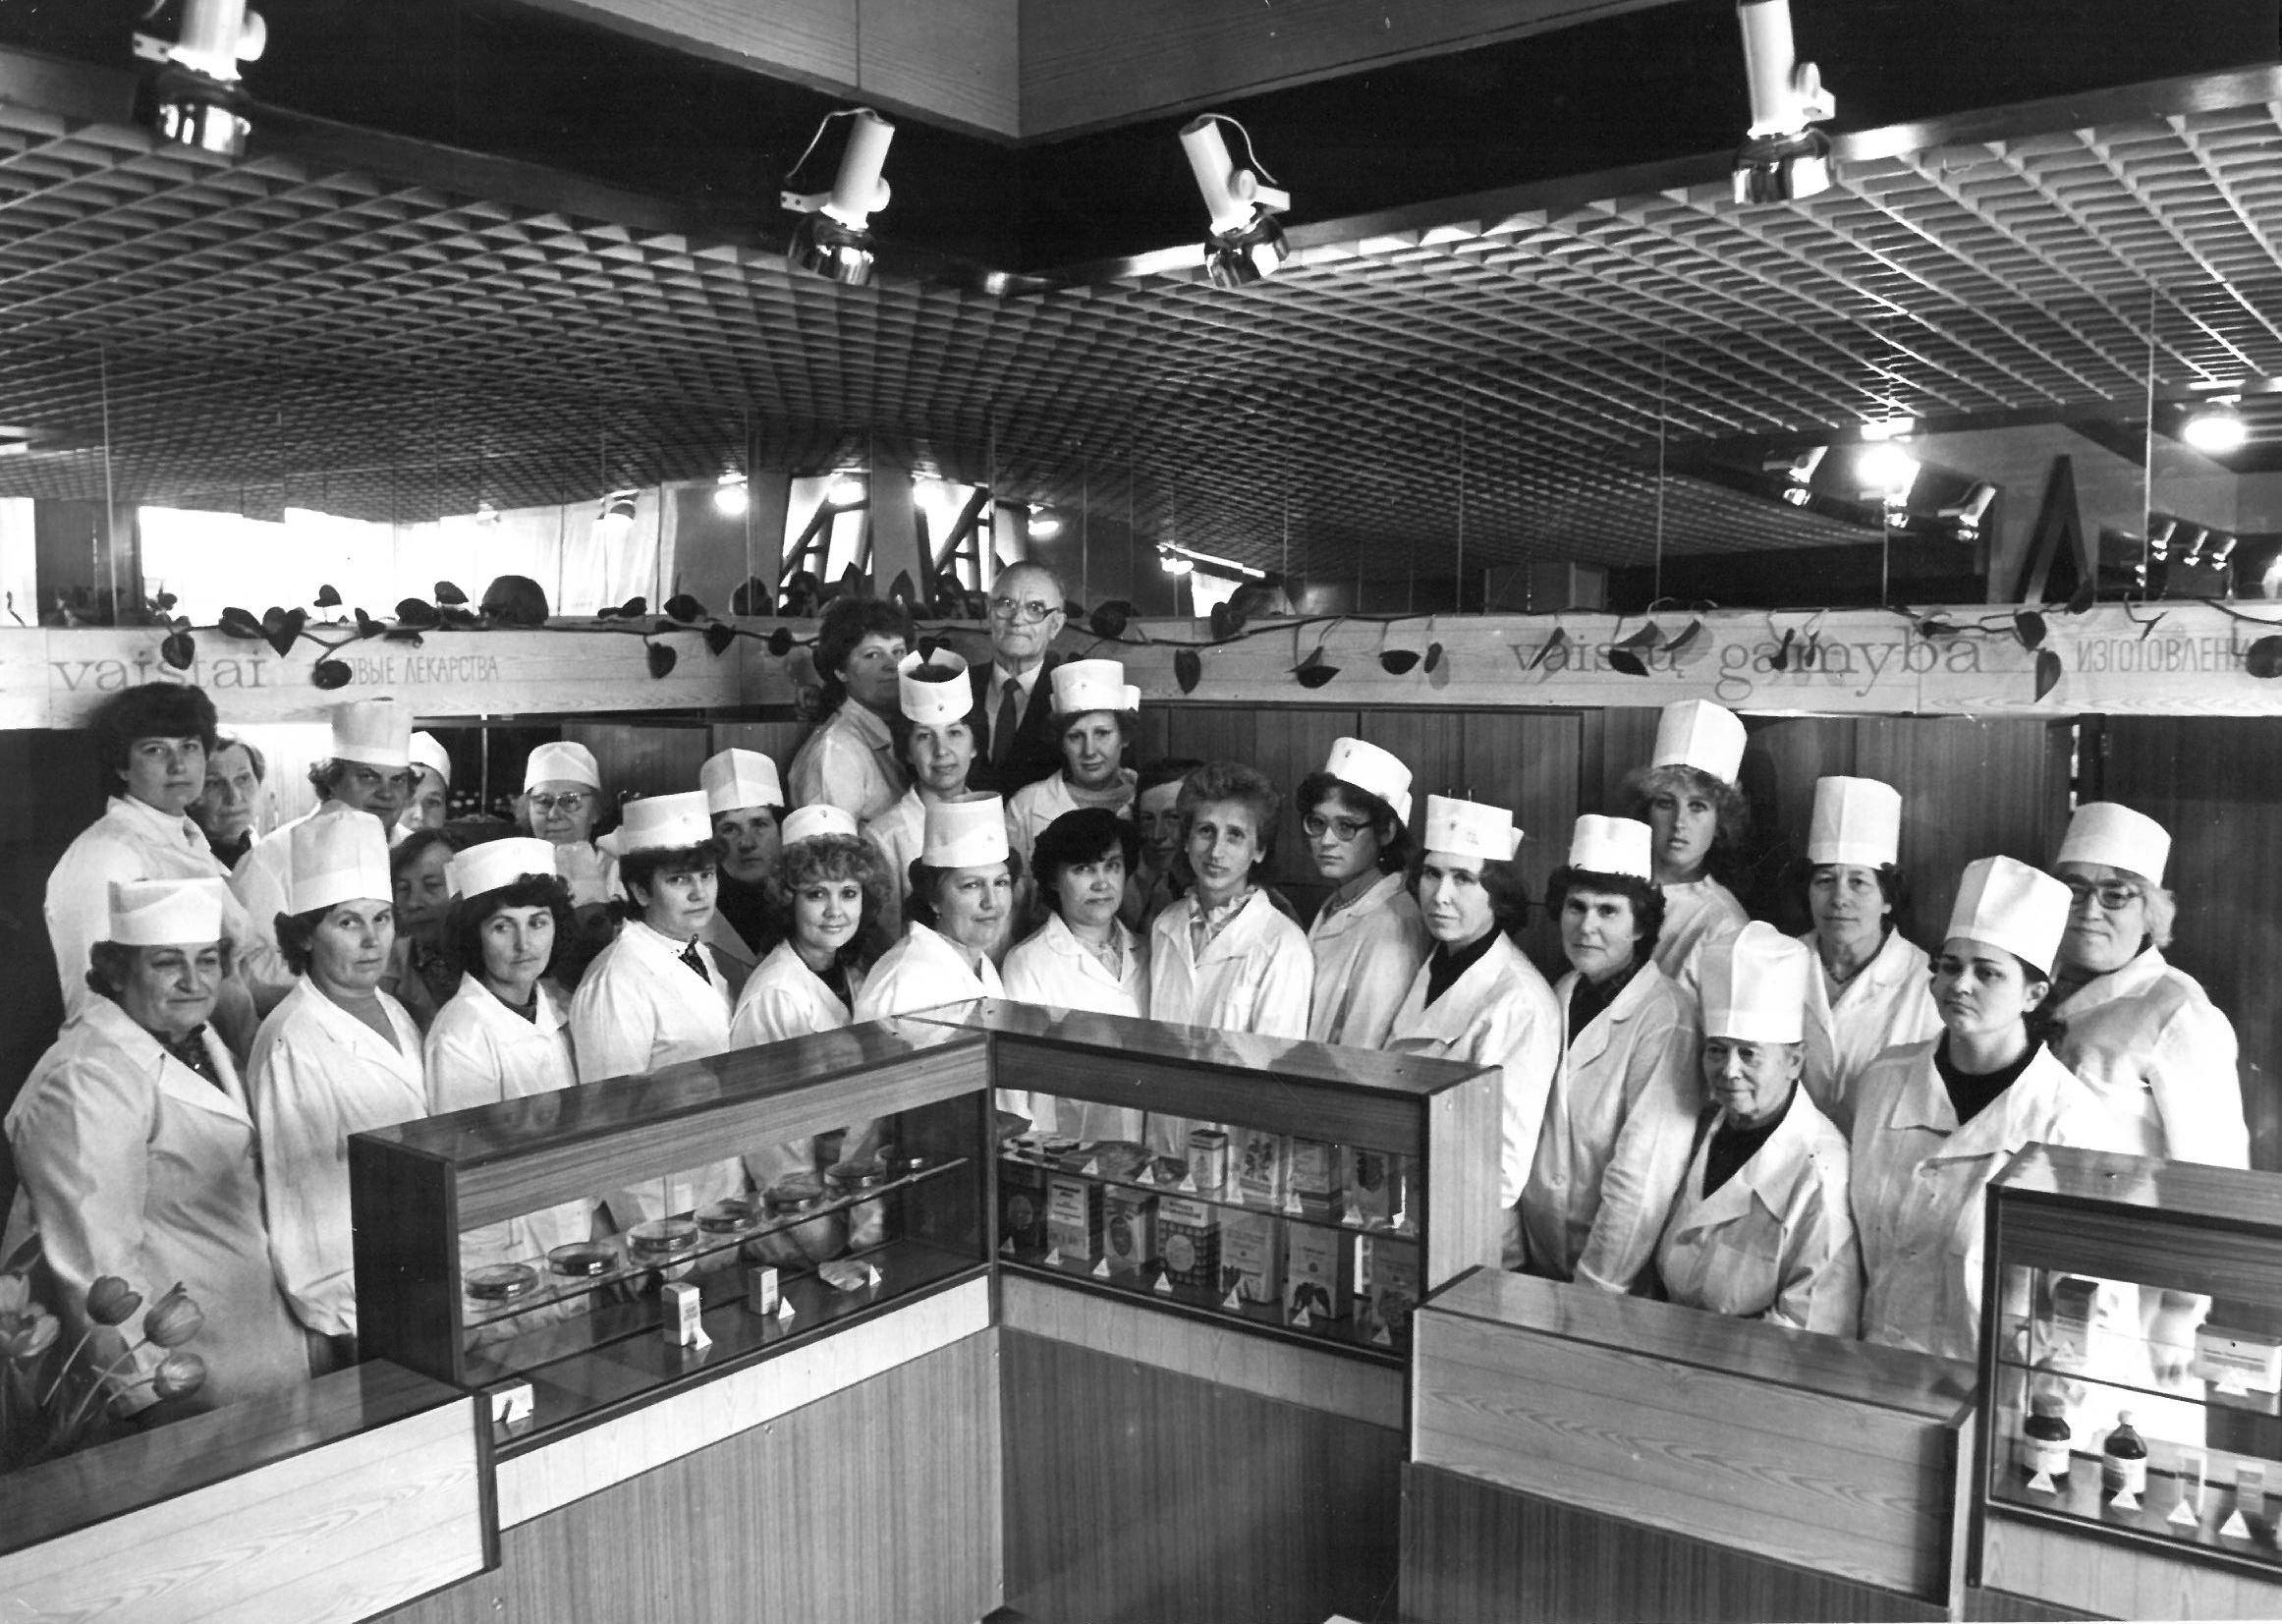 Didžiosios Pasvalio vaistinės kolektyvas. 1969 m. Profesoriaus, agronomo Petro Vasinausko dukterėčia Zita Sargevičiūtė dirbo šioje vaistinėje